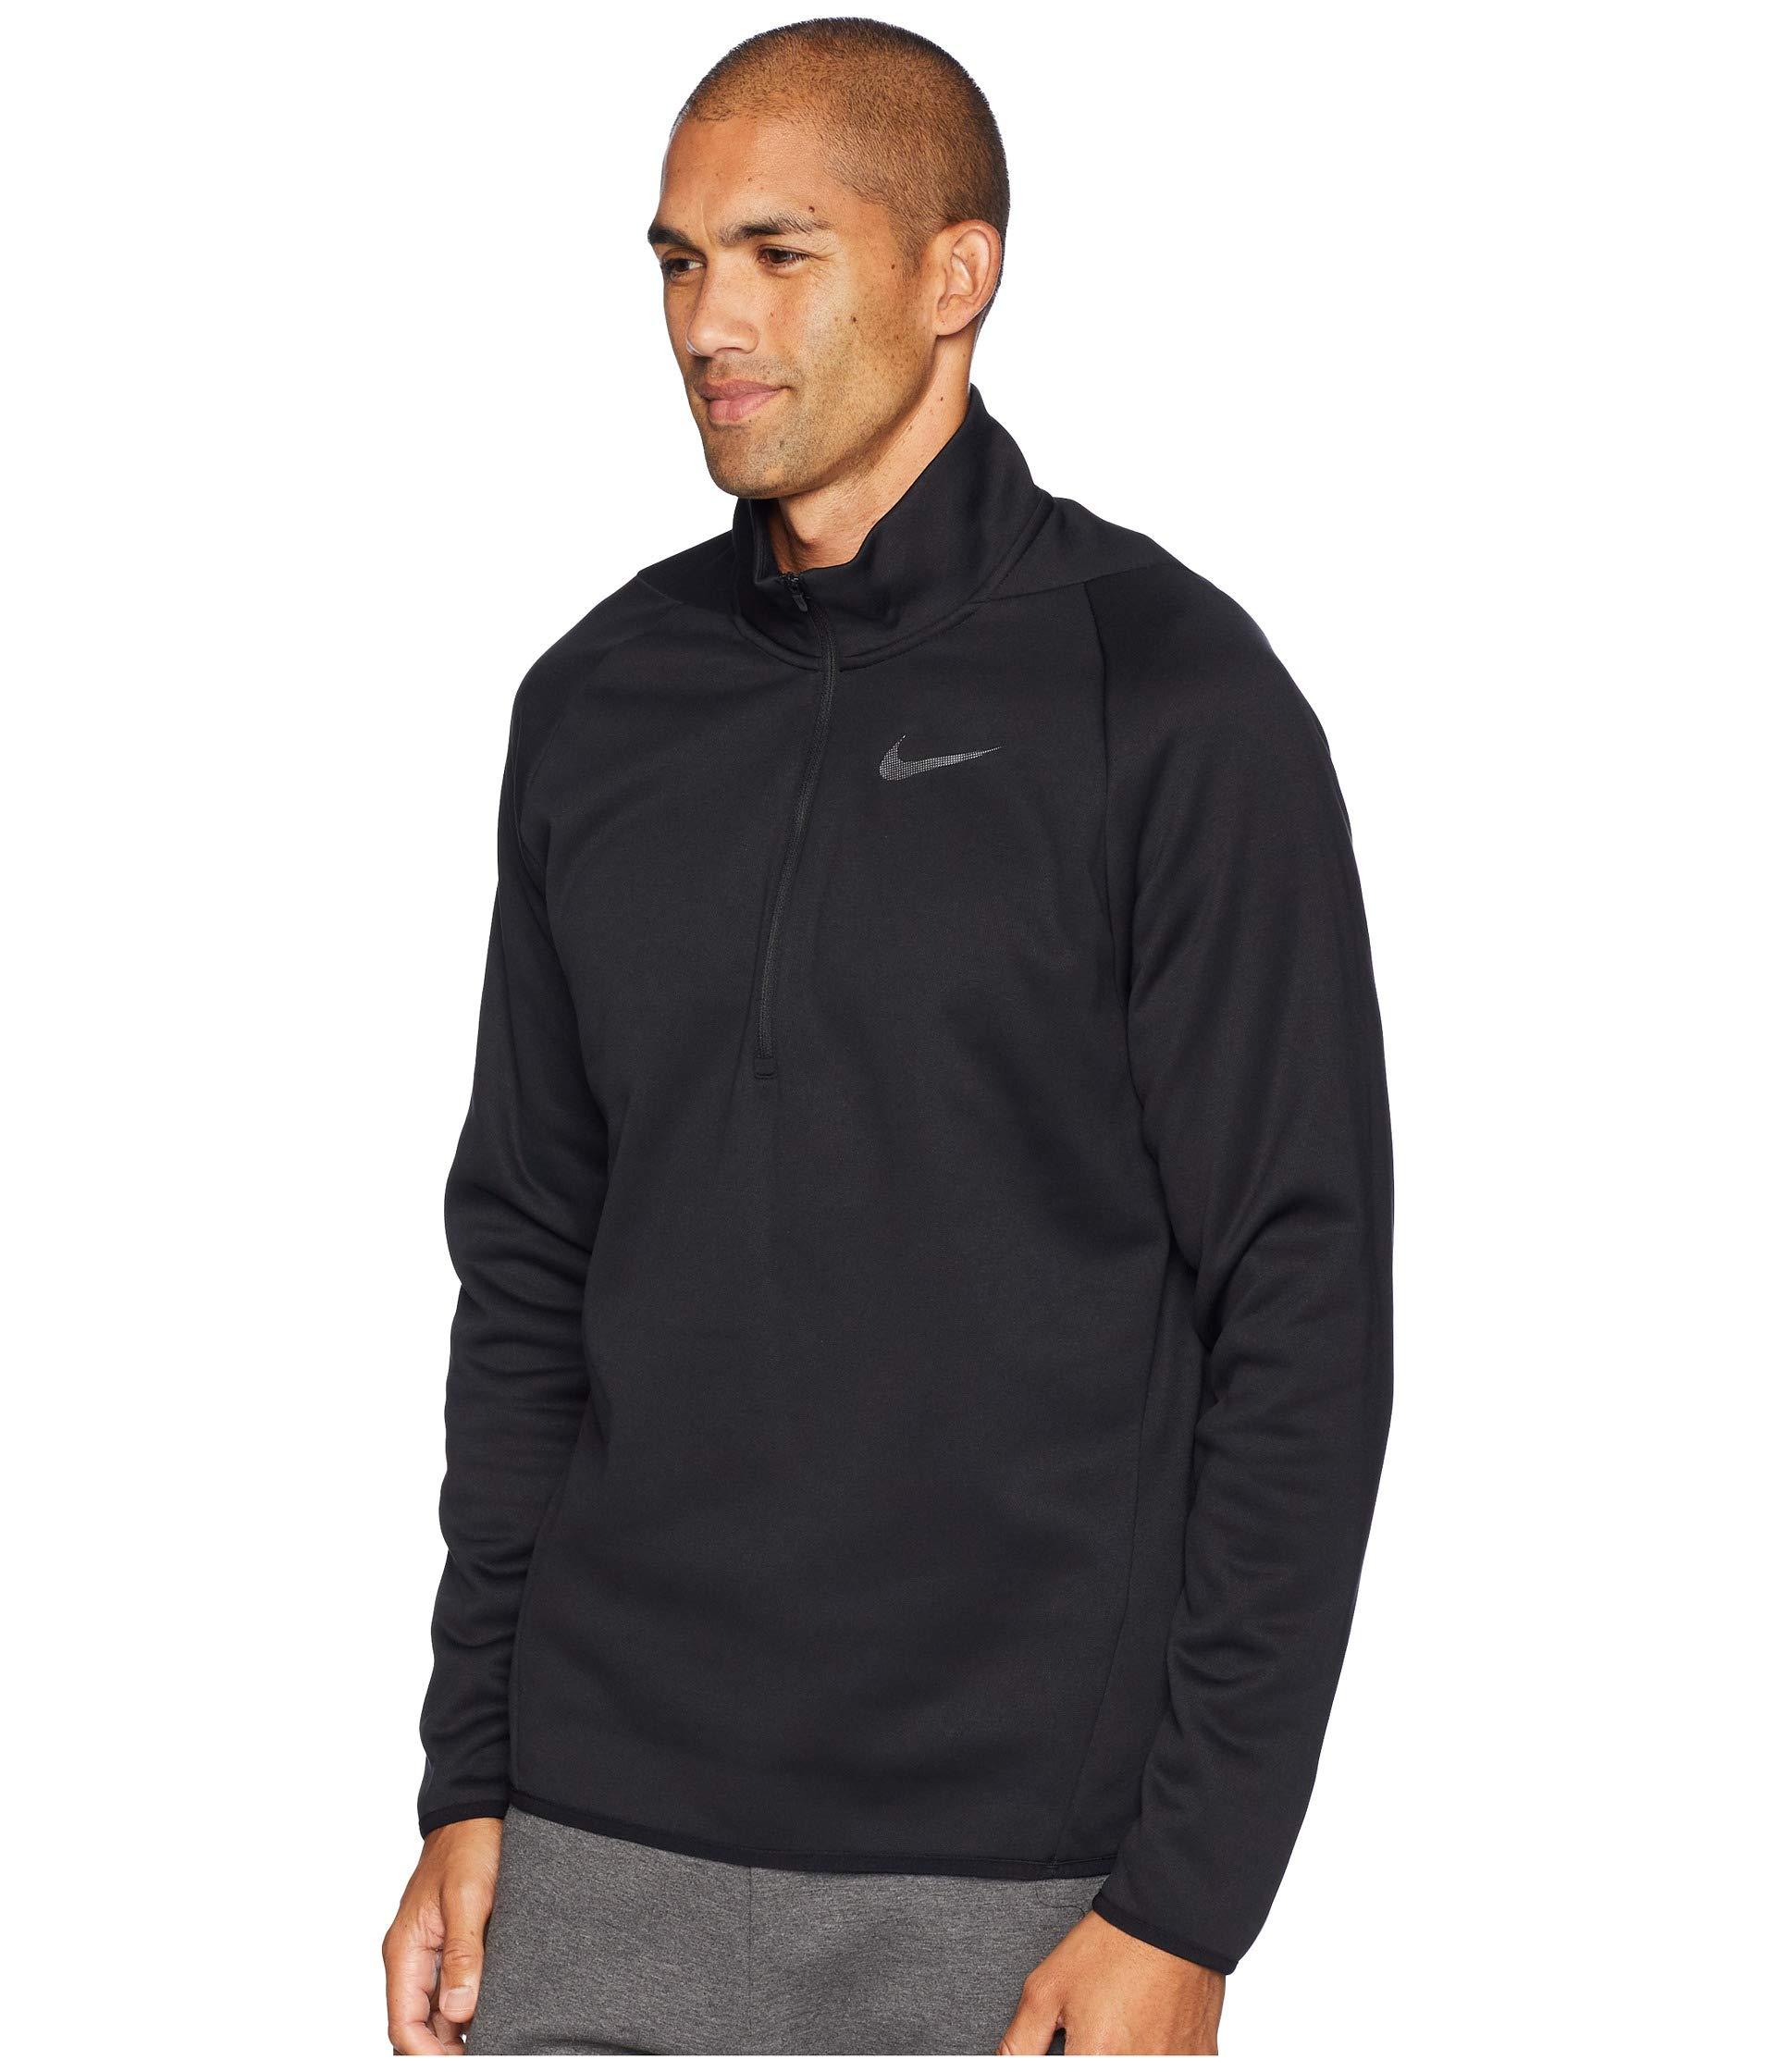 4 1 Zip dark Sleeve Thermal Long Nike Grey Black Top 4qAARH